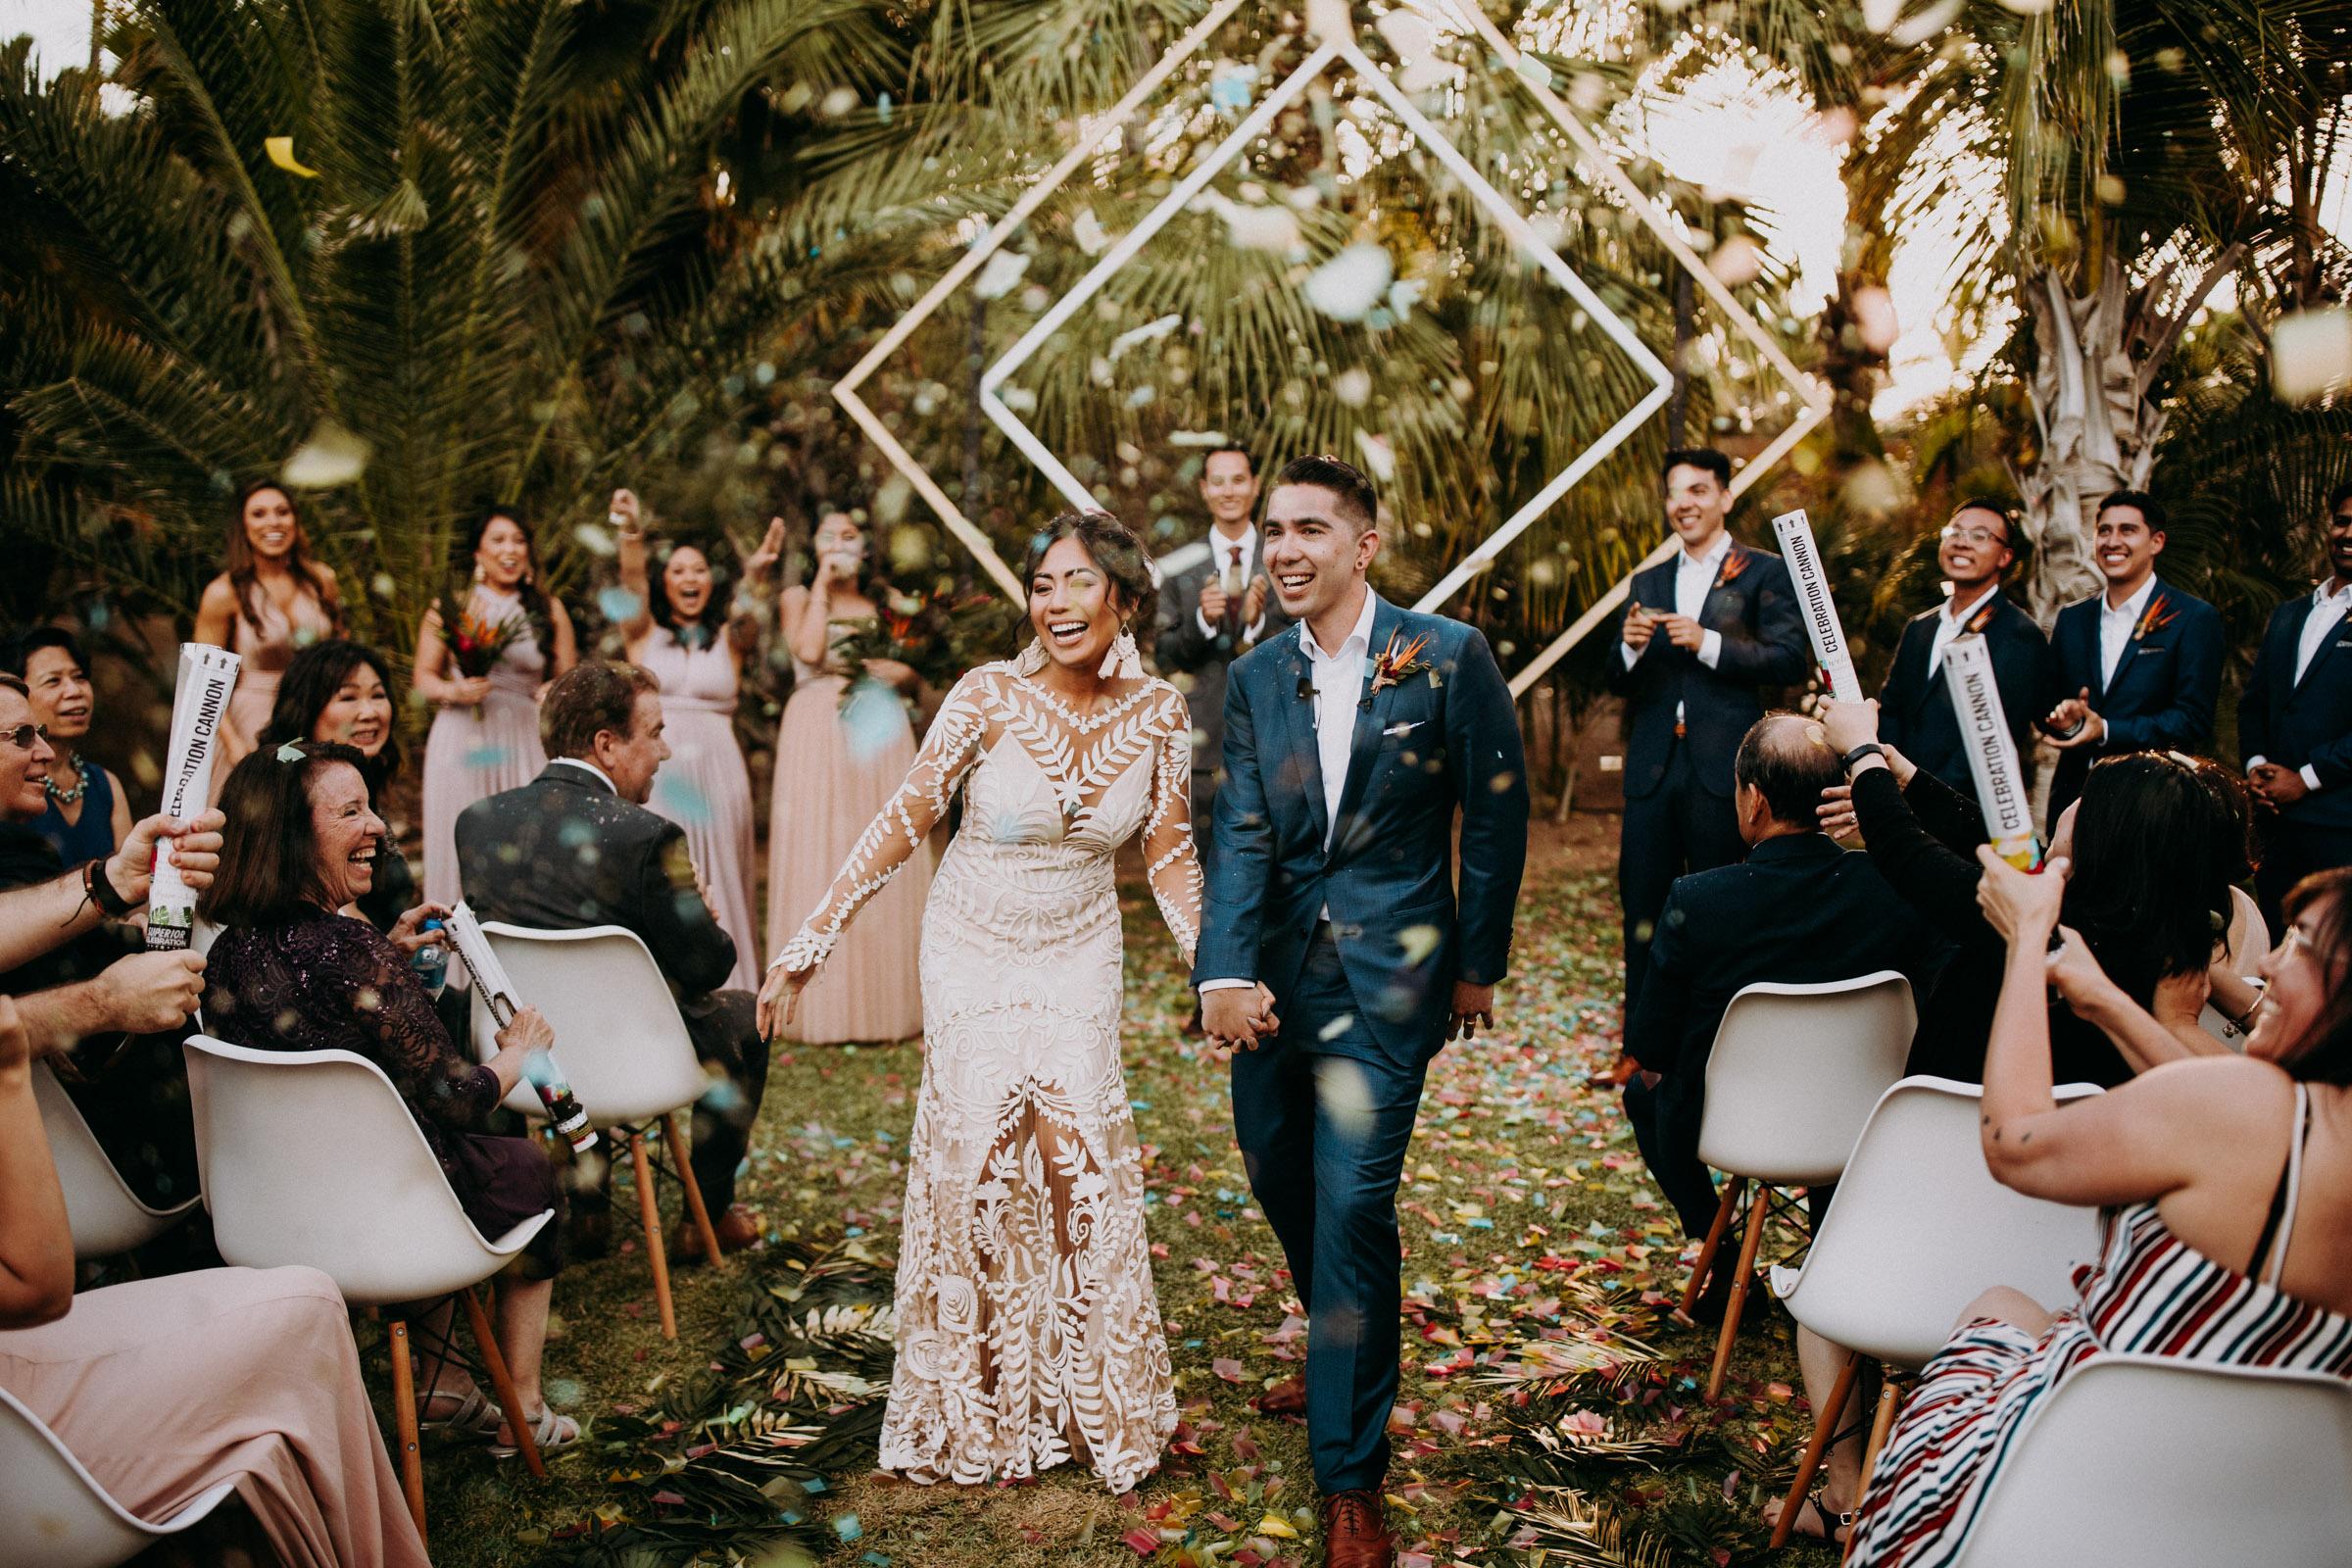 Ein Hochzeitspaar läuft an denGästen vorbei, die Konfetti auf die beiden werfen.